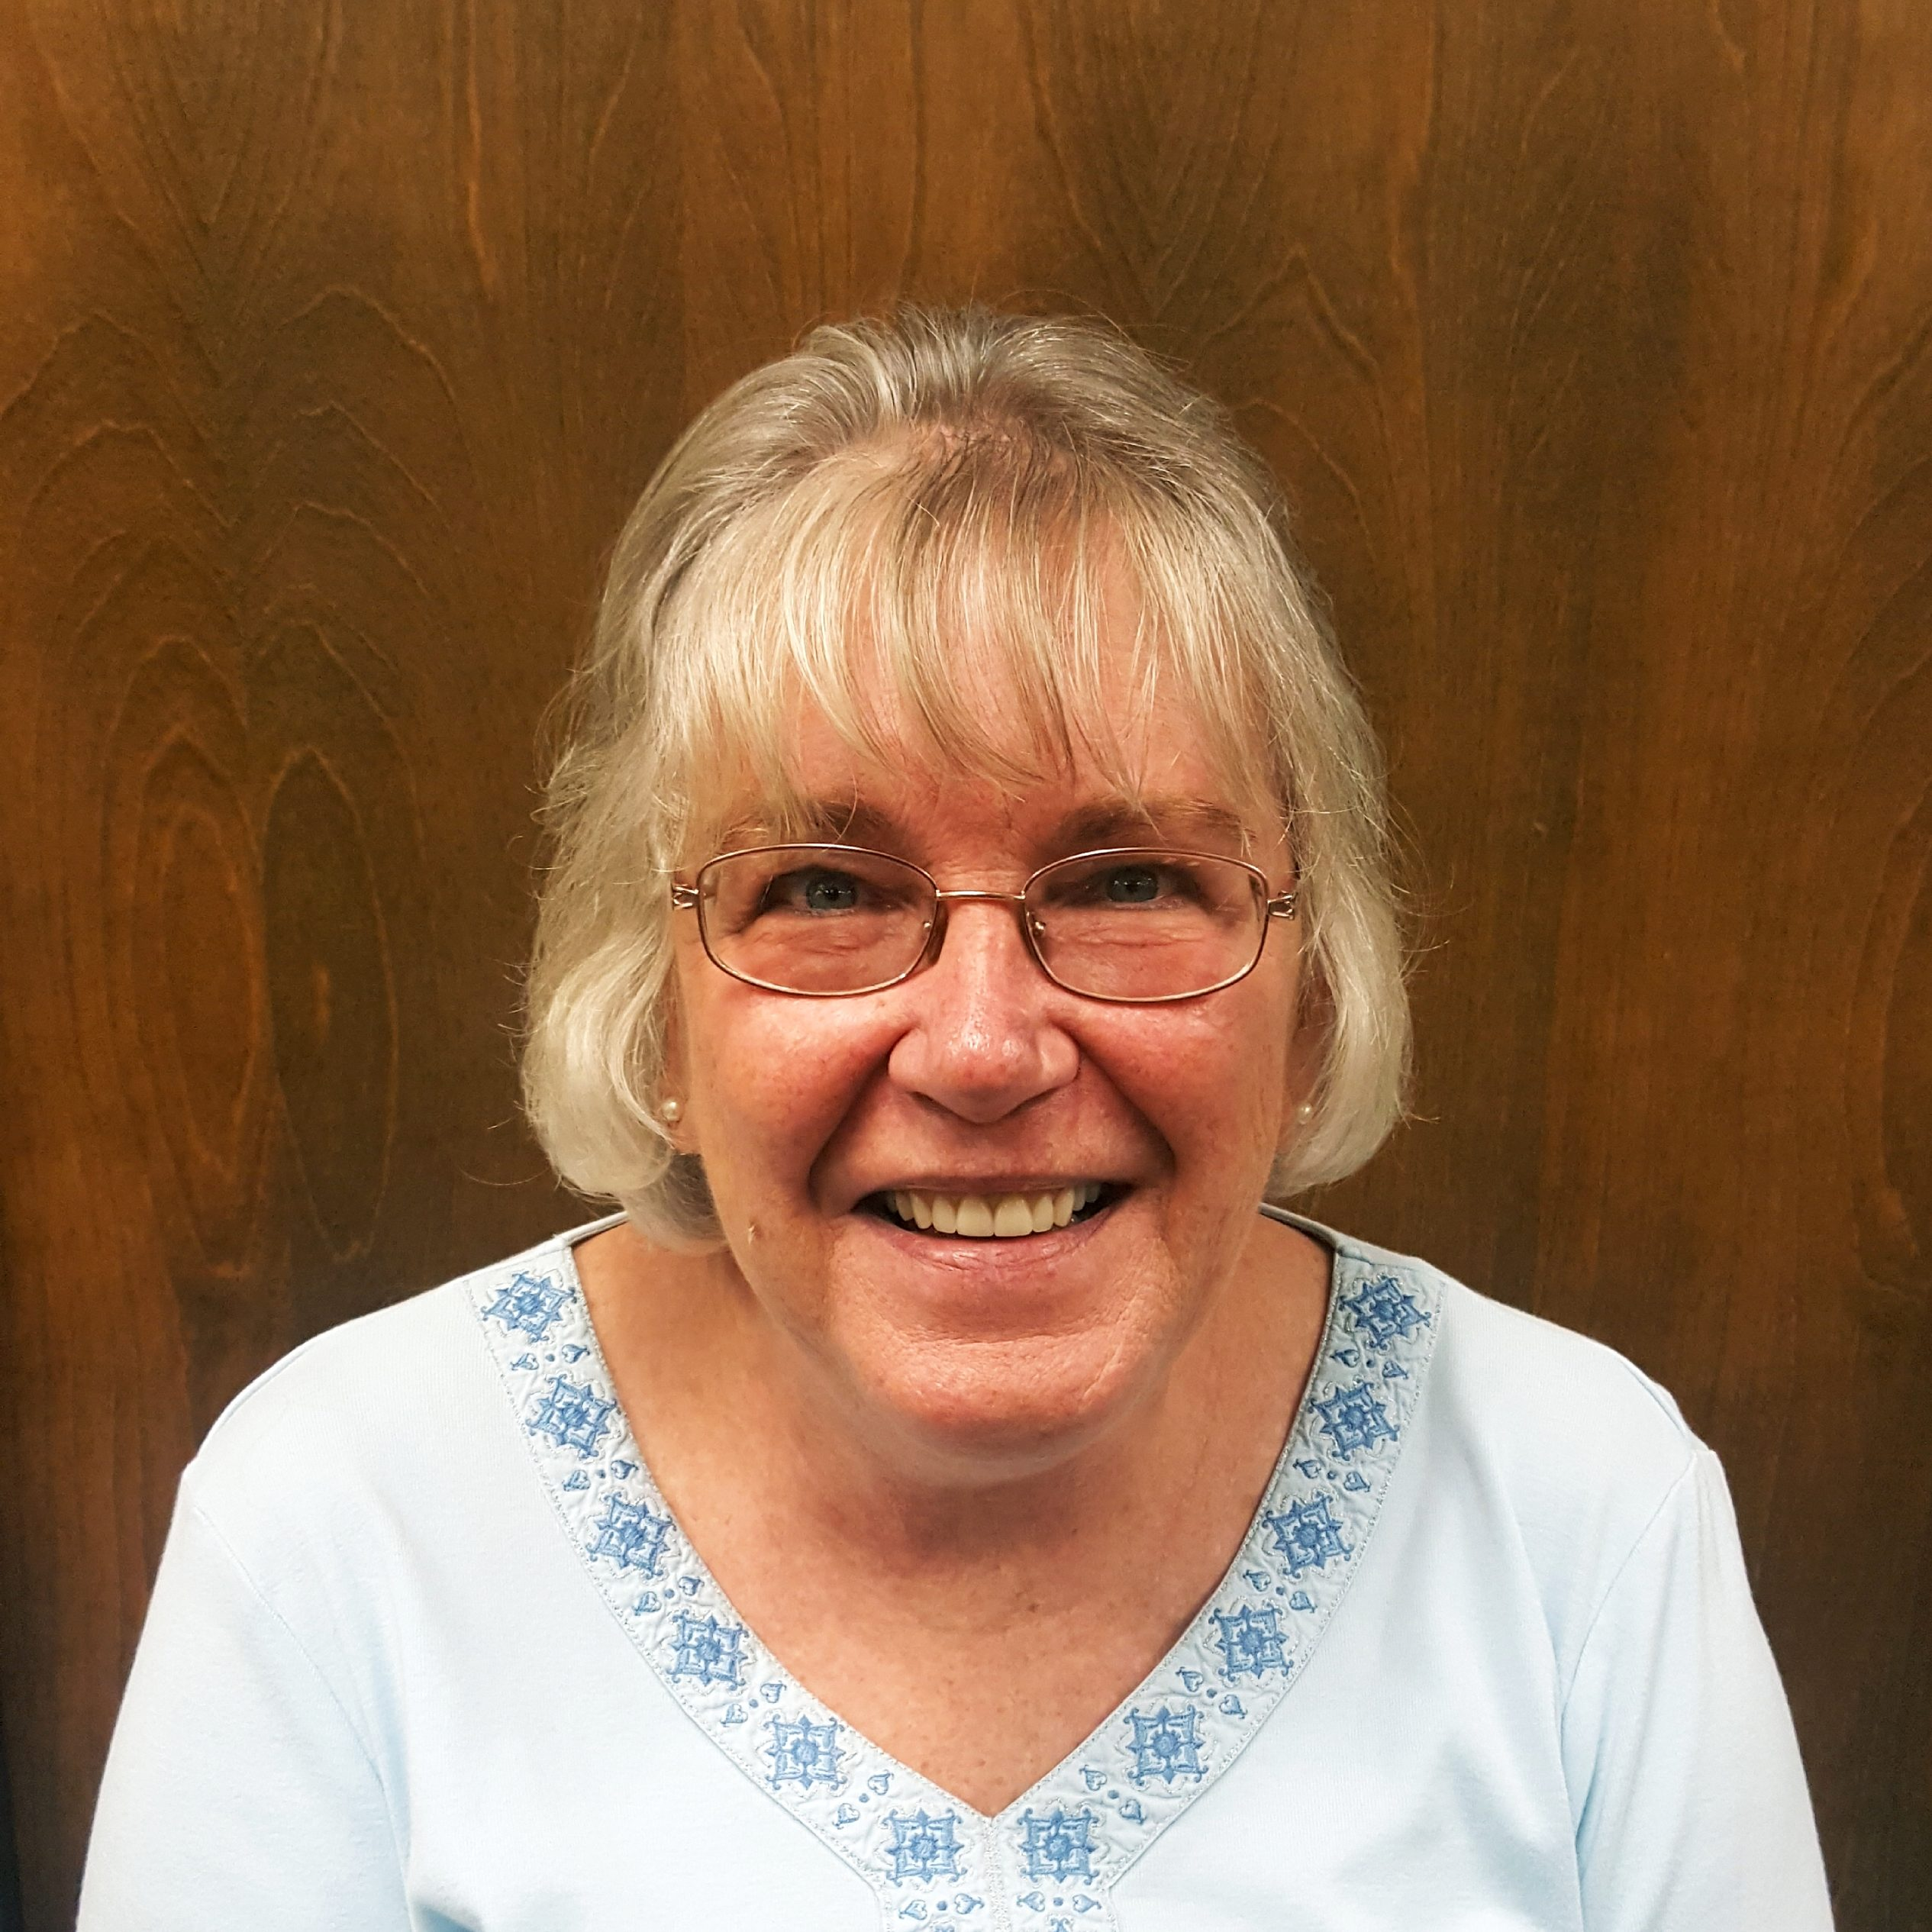 Barbara Miner